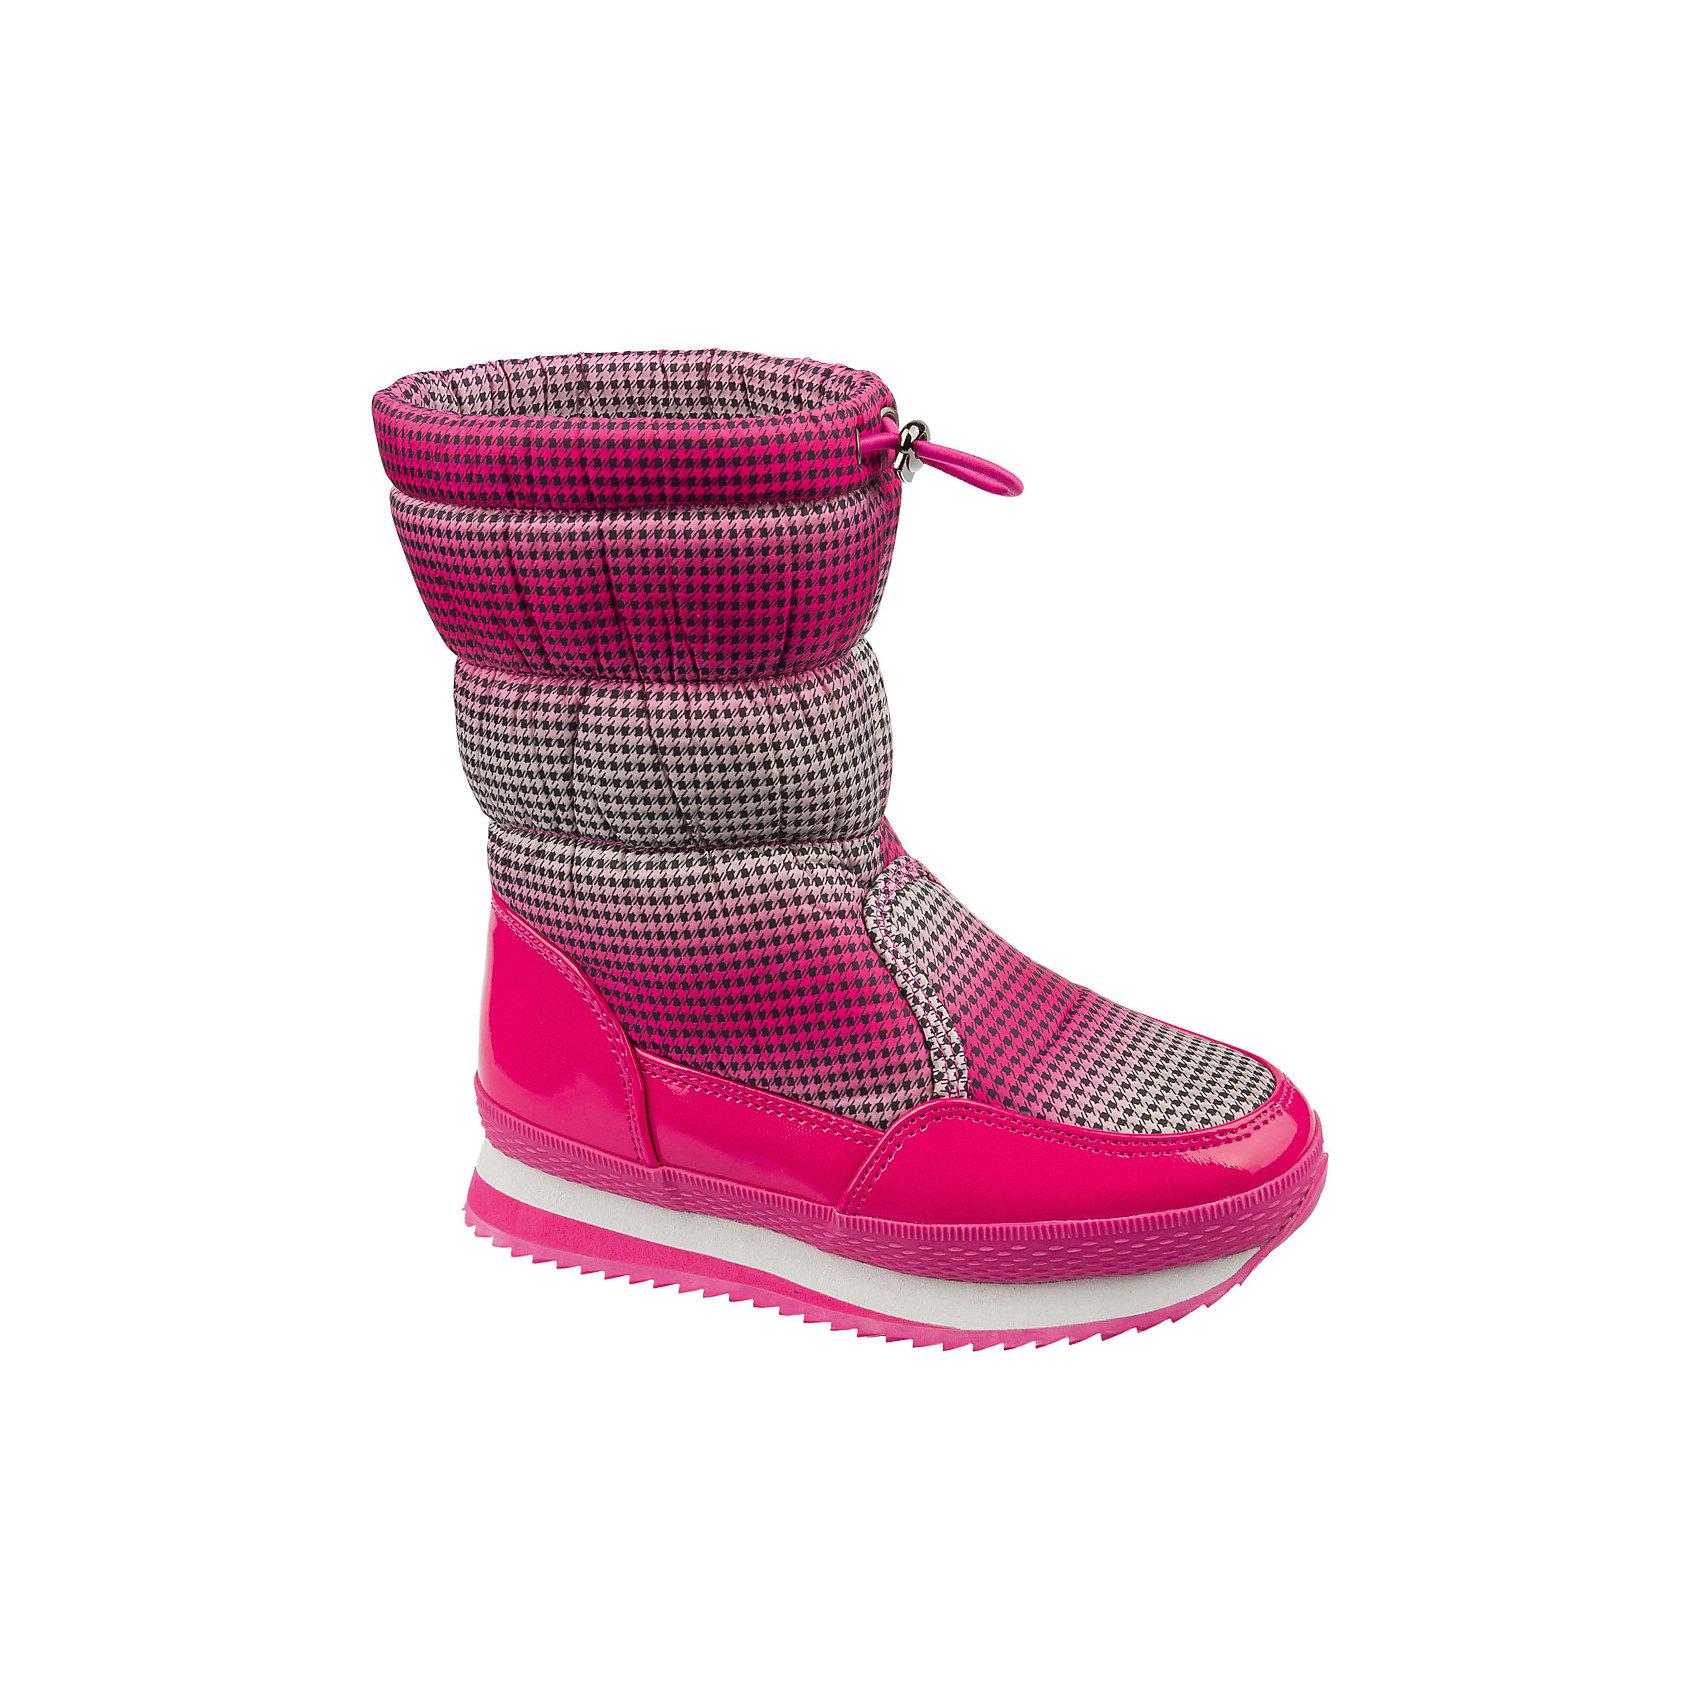 Сапоги для девочки MURSUСтильные сапоги от известного бренда MURSU порадуют всех юных модниц. Модель имеет толстую подошву, отлично защищающую ноги от холода, выполнена из высококачественных материалов, очень хорошо смотрится на ноге.   Прекрасный вариант на холодную погоду. <br><br>Дополнительная информация:<br><br>- Сезон: зима/осень.<br>- Тепловой режим: от -5? до -25?  <br>- Рифленая подошва.<br>- Тип застежки: утяжка. <br><br>Состав:<br>- Материал верха: текстиль/ искусственная замша.<br>- Материал подкладки: искусственная шерсть.<br>- Материал подошвы: TEP.<br>- Материал стельки: искусственная шерсть.<br><br>Сапоги для девочки MURSU (Мурсу) можно купить в нашем магазине.<br><br>Ширина мм: 257<br>Глубина мм: 180<br>Высота мм: 130<br>Вес г: 420<br>Цвет: малиновый<br>Возраст от месяцев: 96<br>Возраст до месяцев: 108<br>Пол: Женский<br>Возраст: Детский<br>Размер: 32,29,31,27,28,30<br>SKU: 4202603